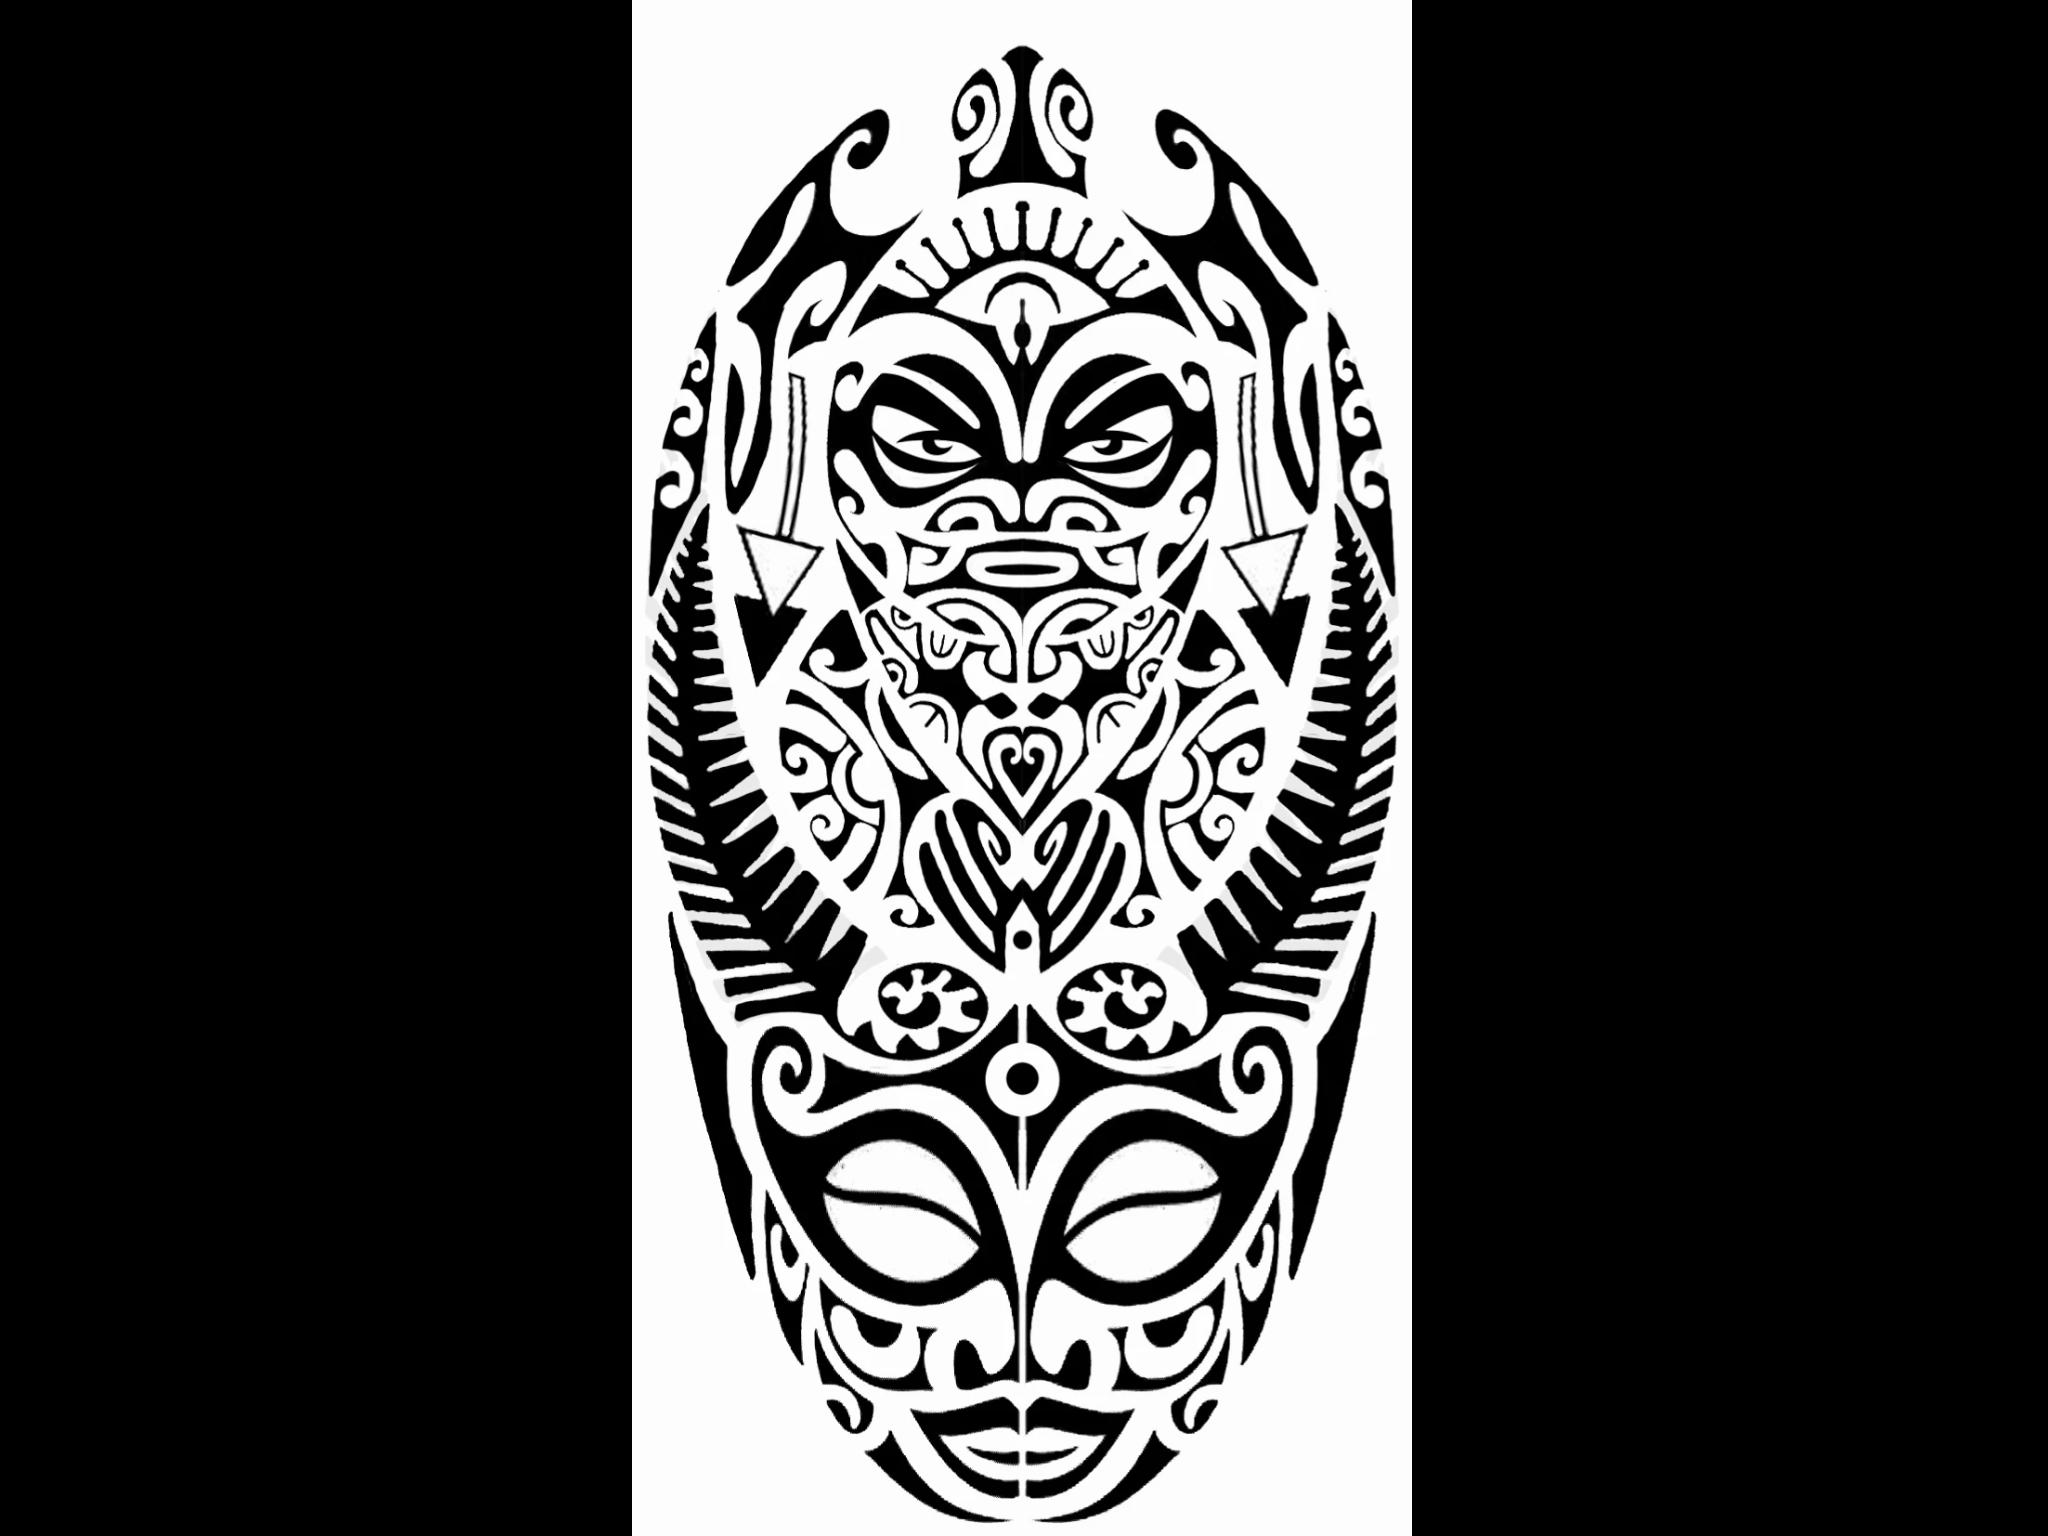 Bracelet Polynésien Tatouage dedans polynesian way, tiki,hoka, etua, kea, kohati, peia enana